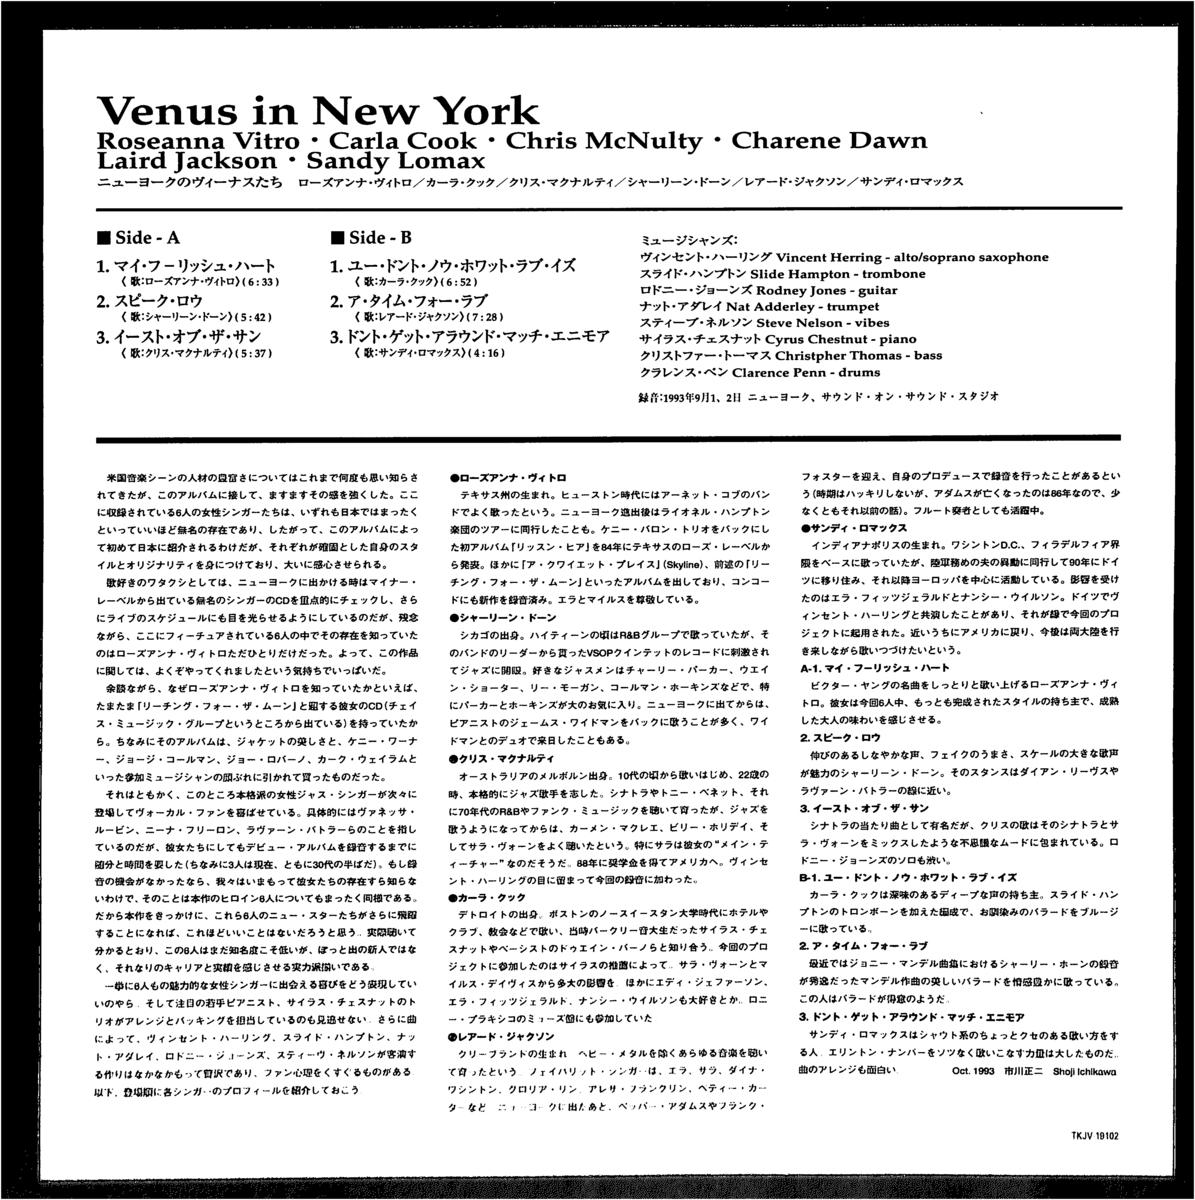 限定盤 重量盤 ◇ ローズアンナ・ヴィトロ カーラ・クック 他 / ニューヨークのヴィーナスたち ■LP ヴィーナスレコード_画像3